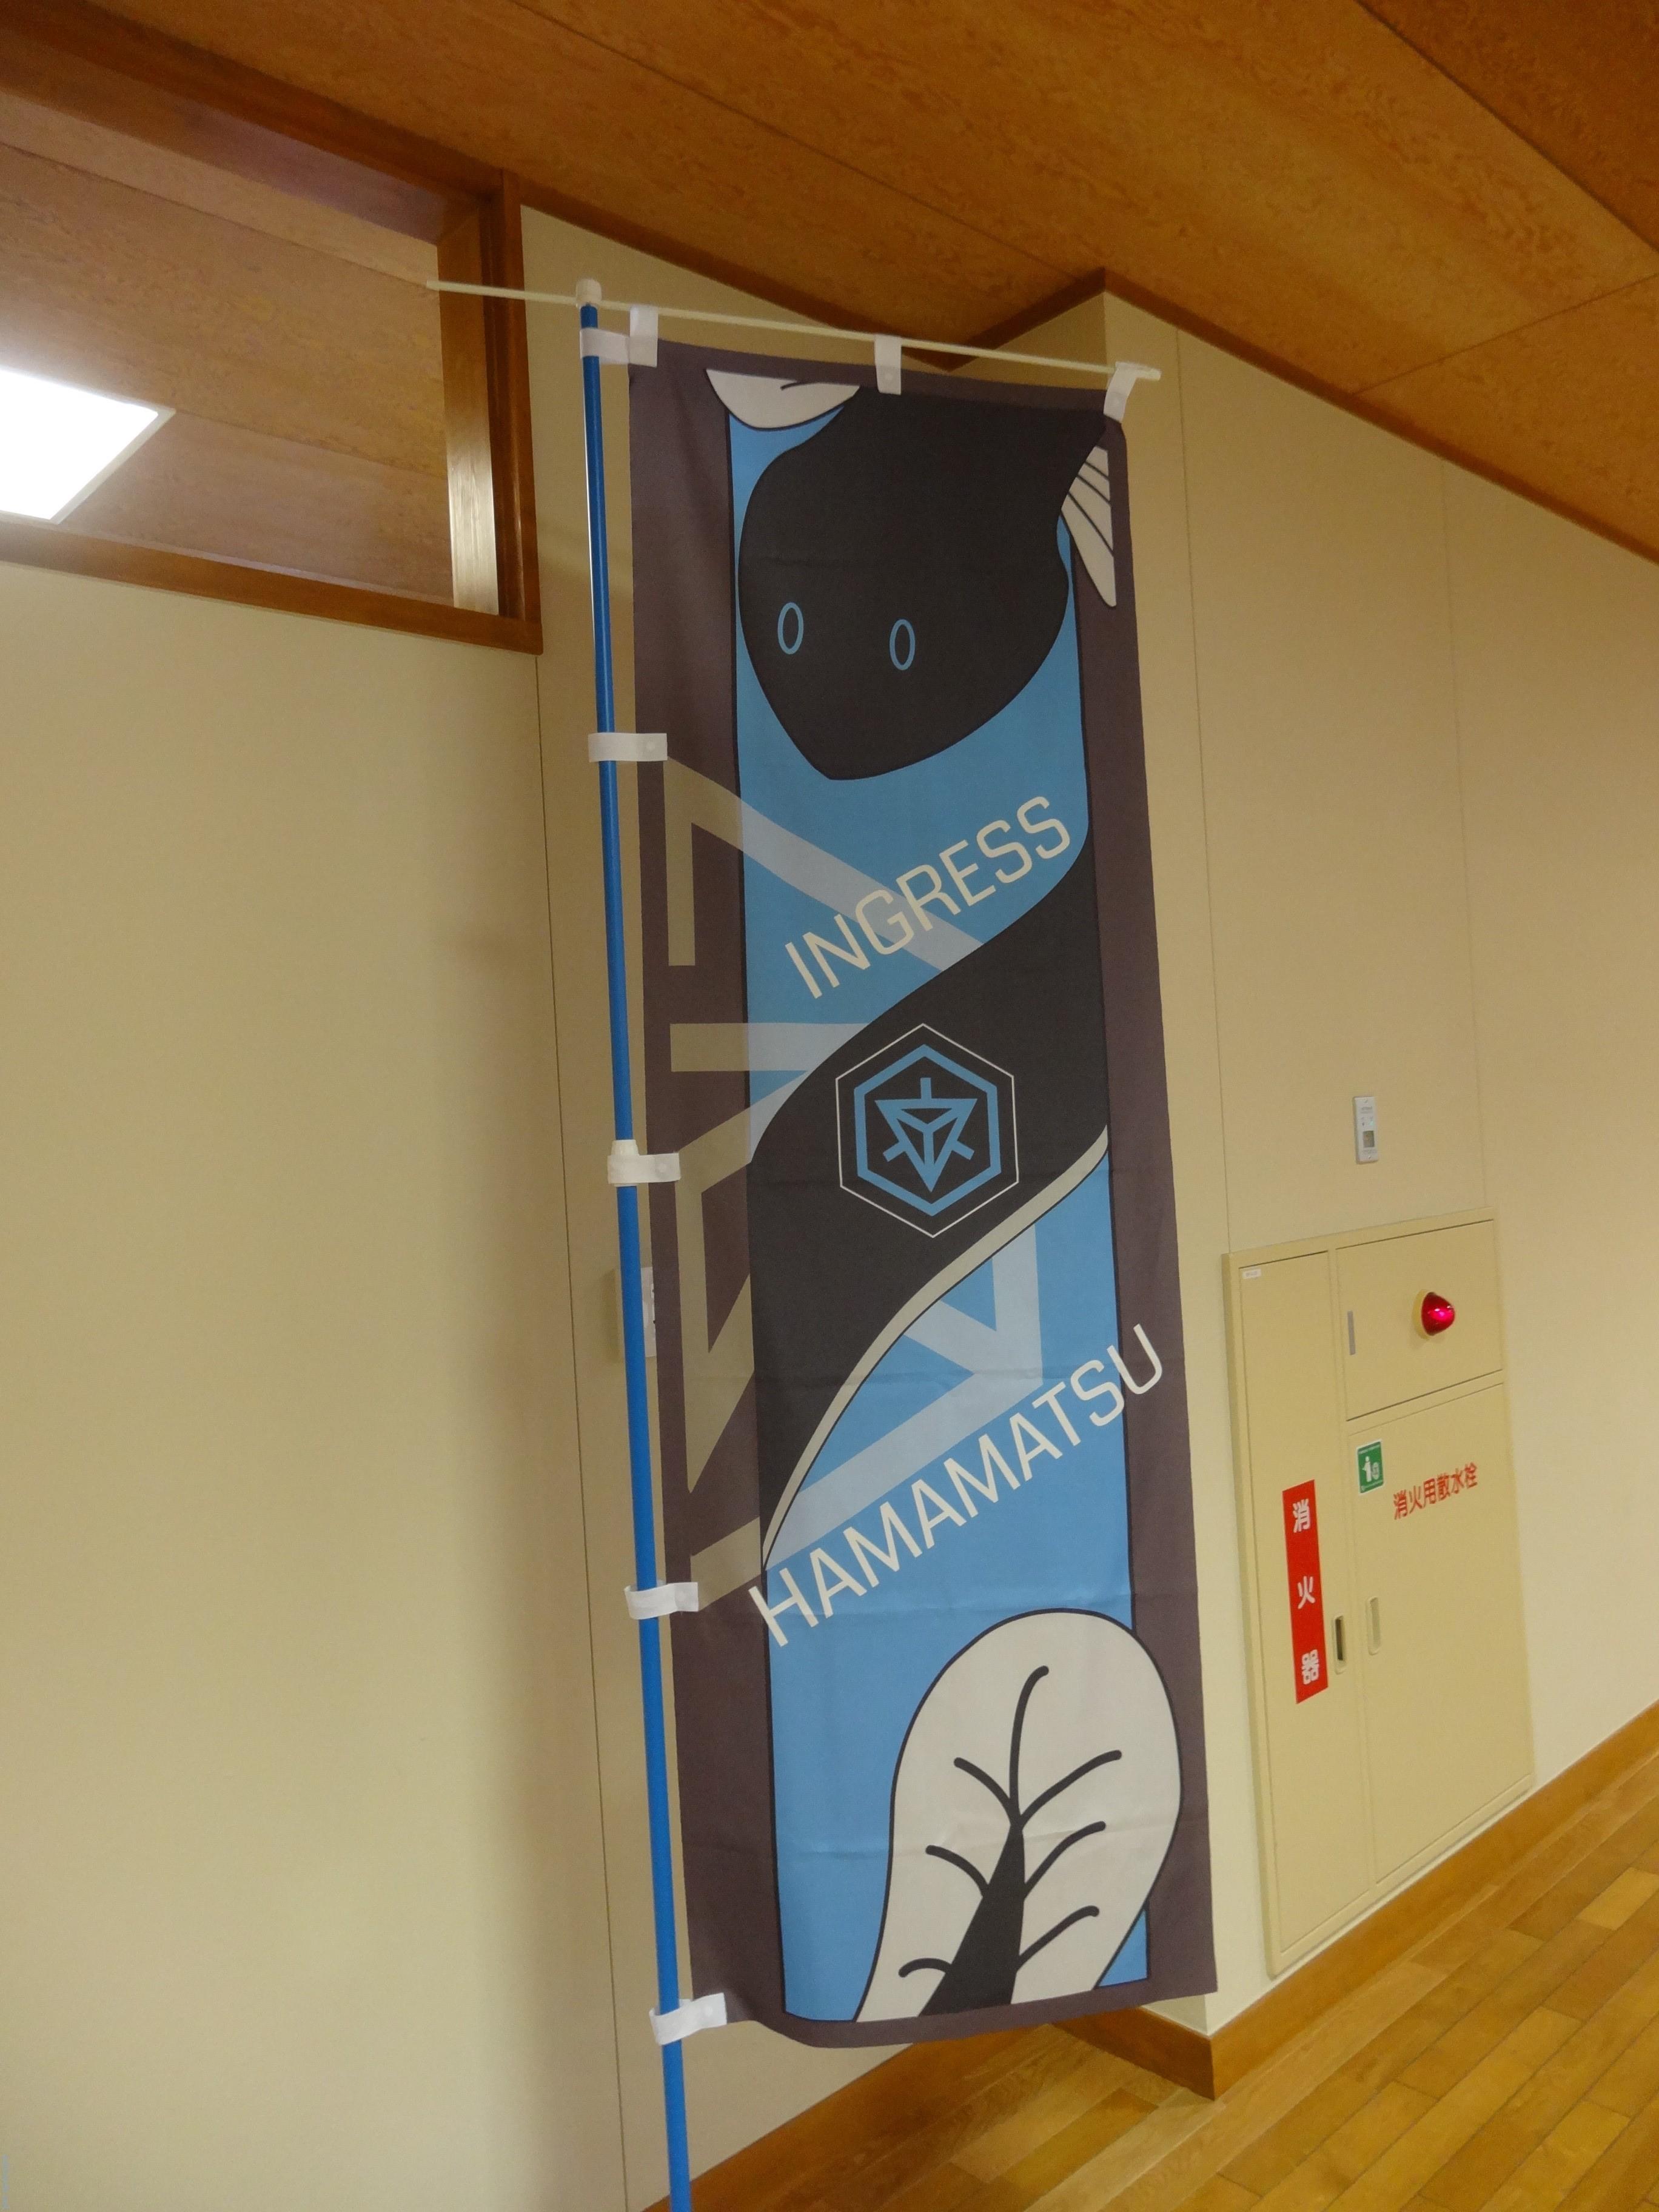 イングレス公式イベント「Hamamatsu #ingressFS」に参加してみた。